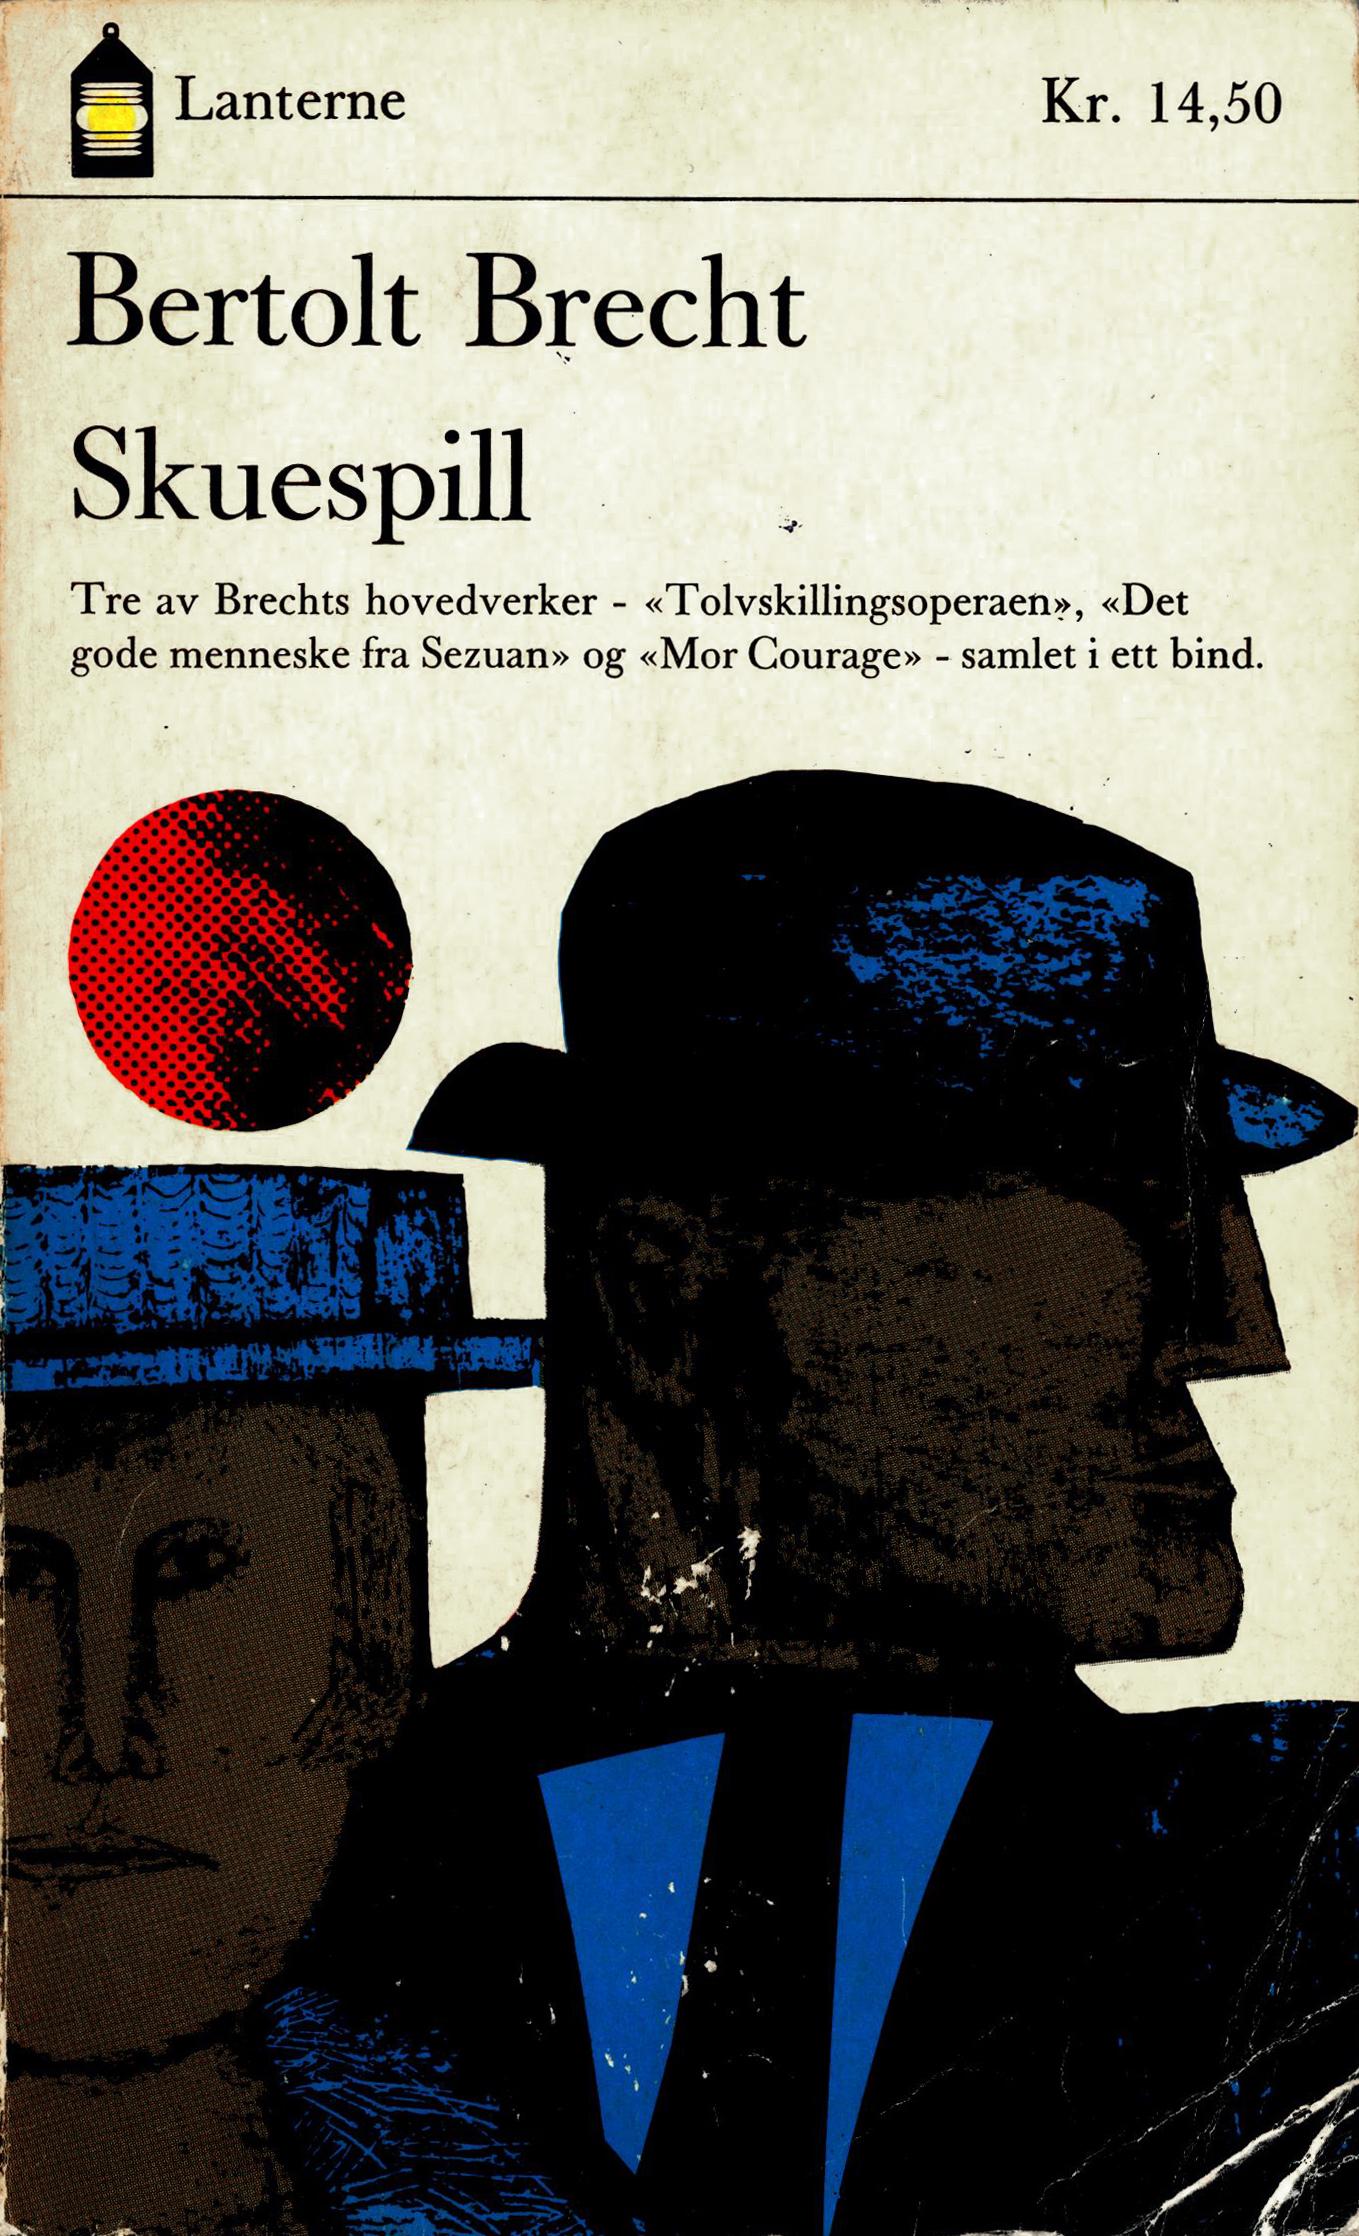 Bertolt Brecht: Skuespill